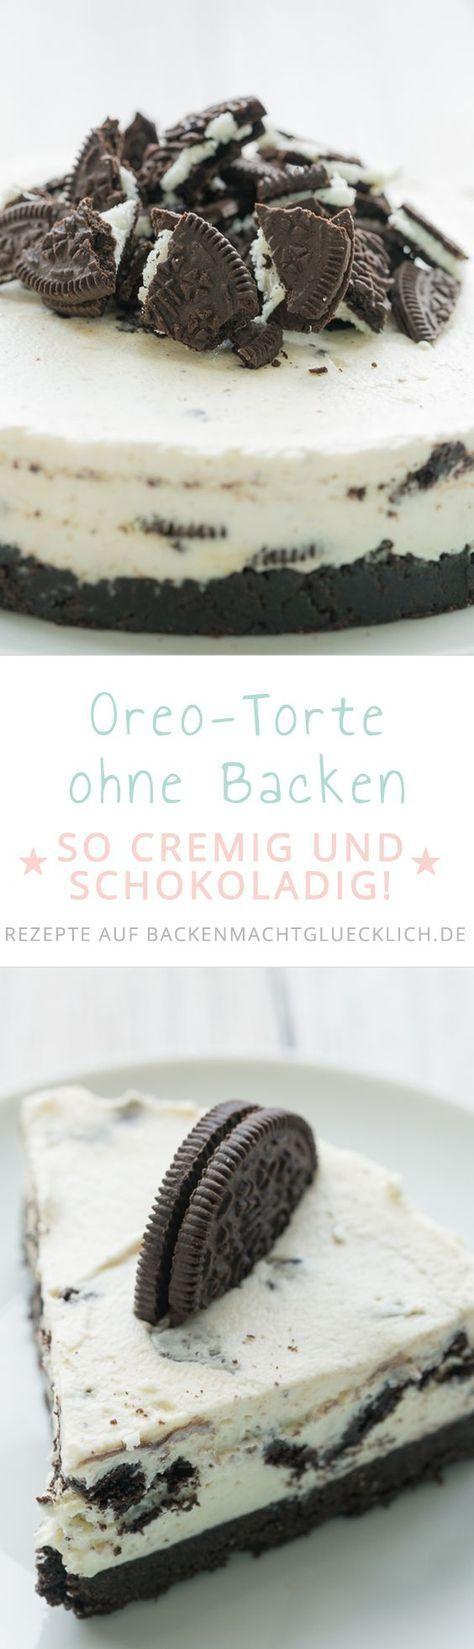 oreo torte ohne backen rezept in 2018 tiere pinterest kuchen backen und imbiss. Black Bedroom Furniture Sets. Home Design Ideas